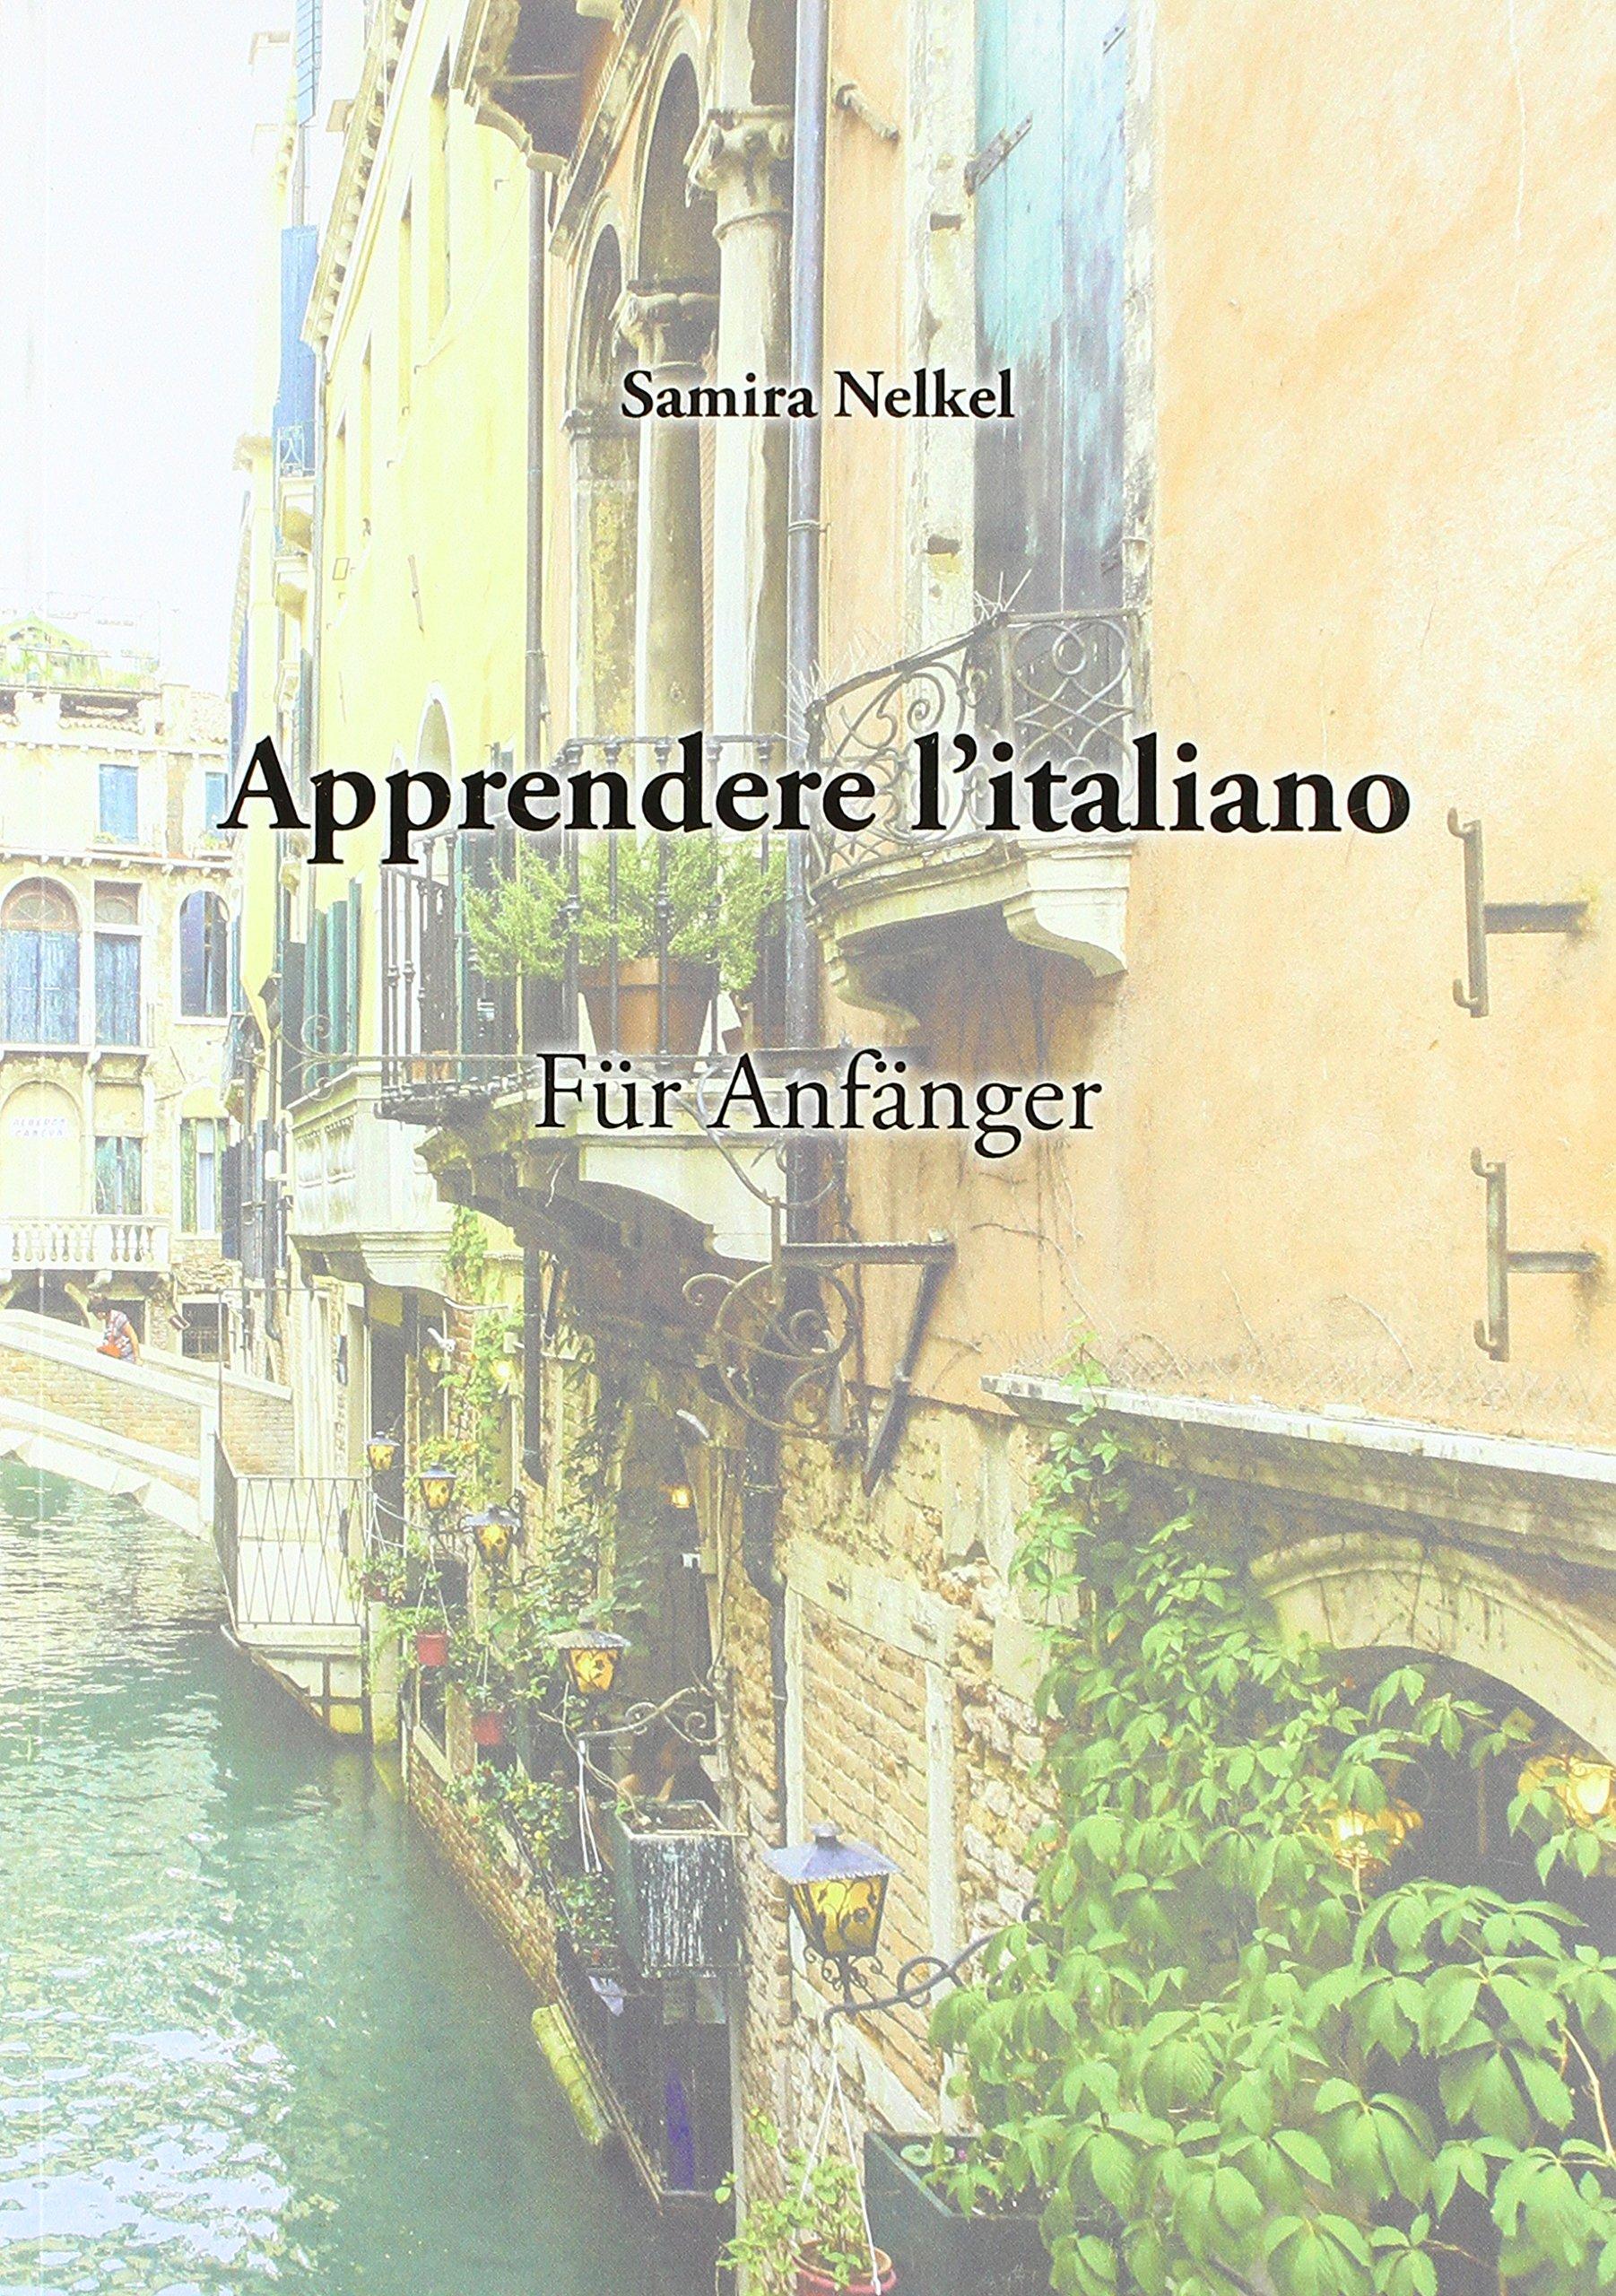 Apprendere l'italiano: Für Anfänger